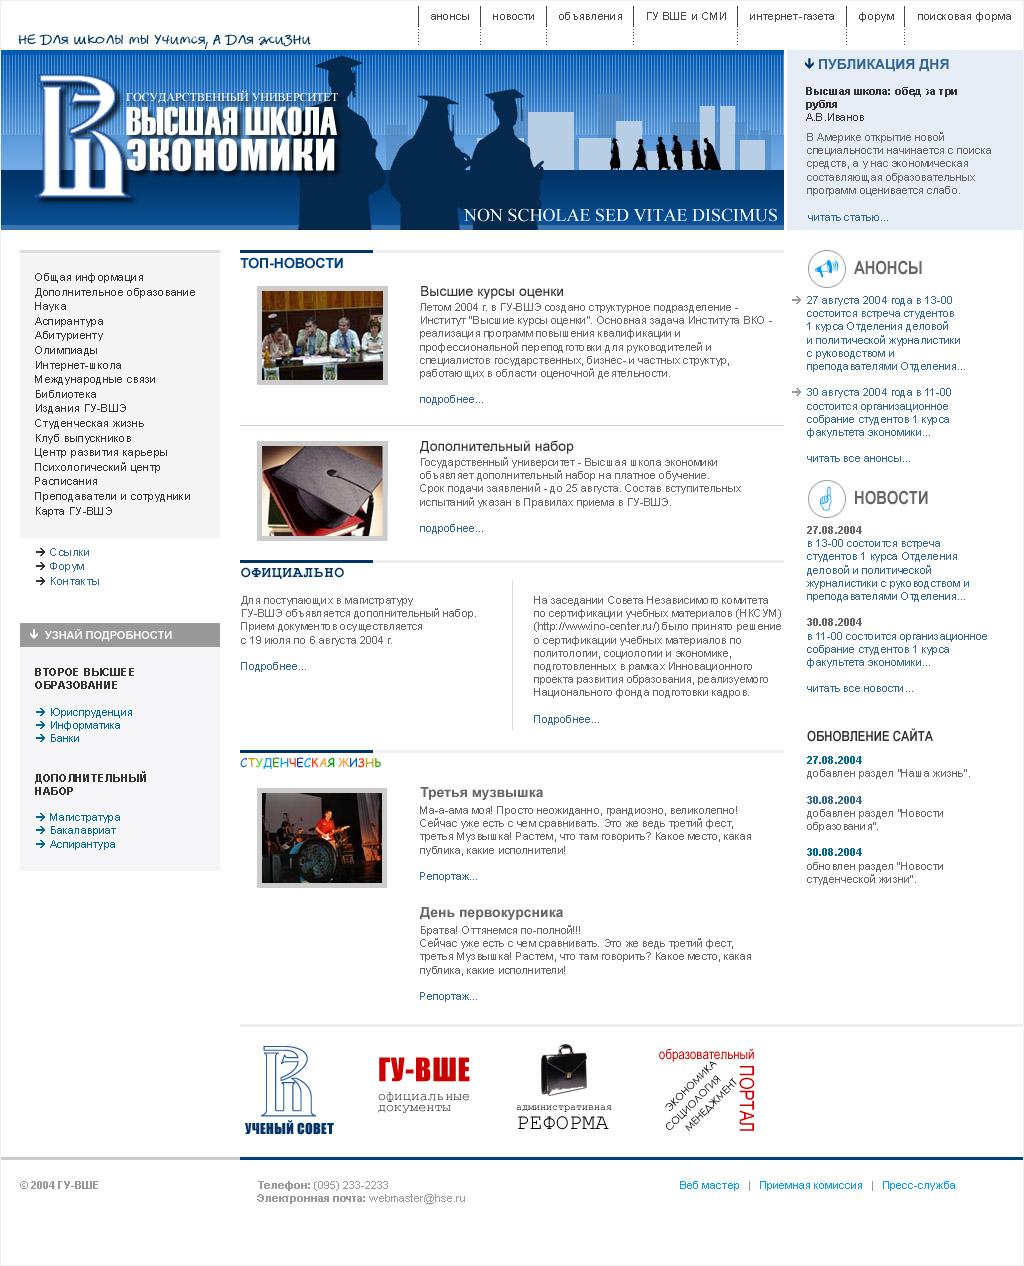 До 2006 года. Главная страница сайта Высшей школы экономики.